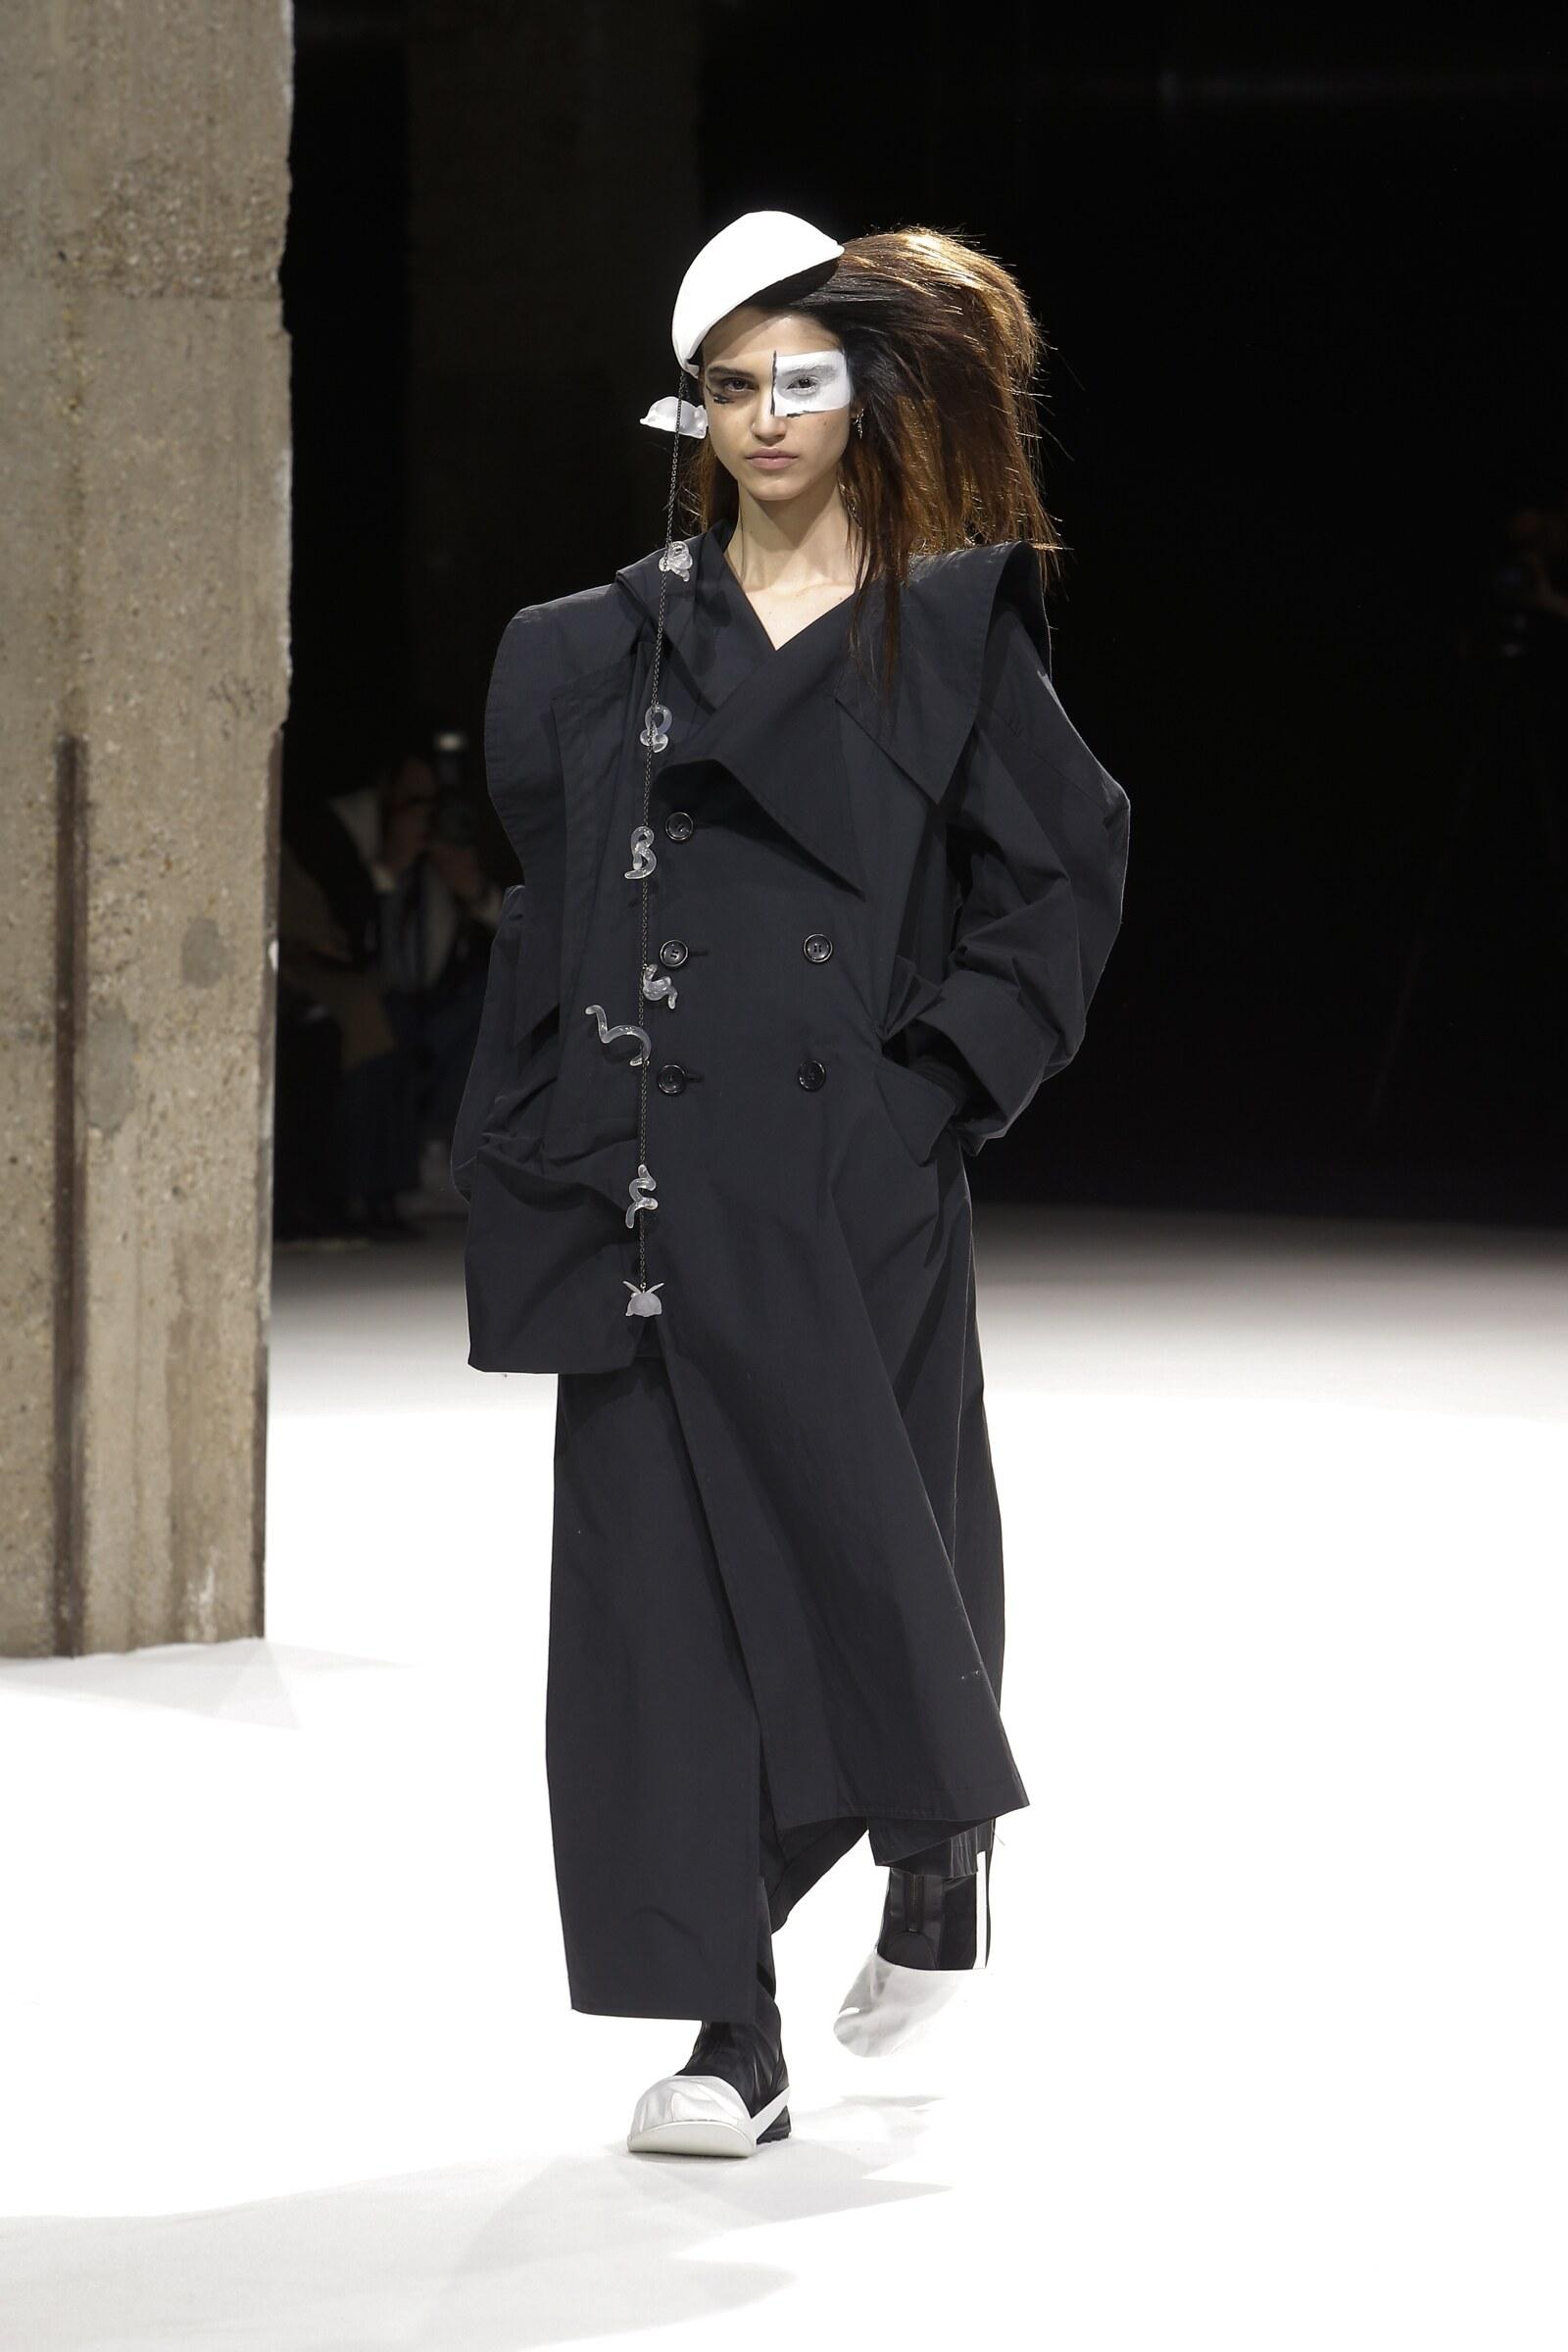 Yohji Yamamoto Woman Style 2018